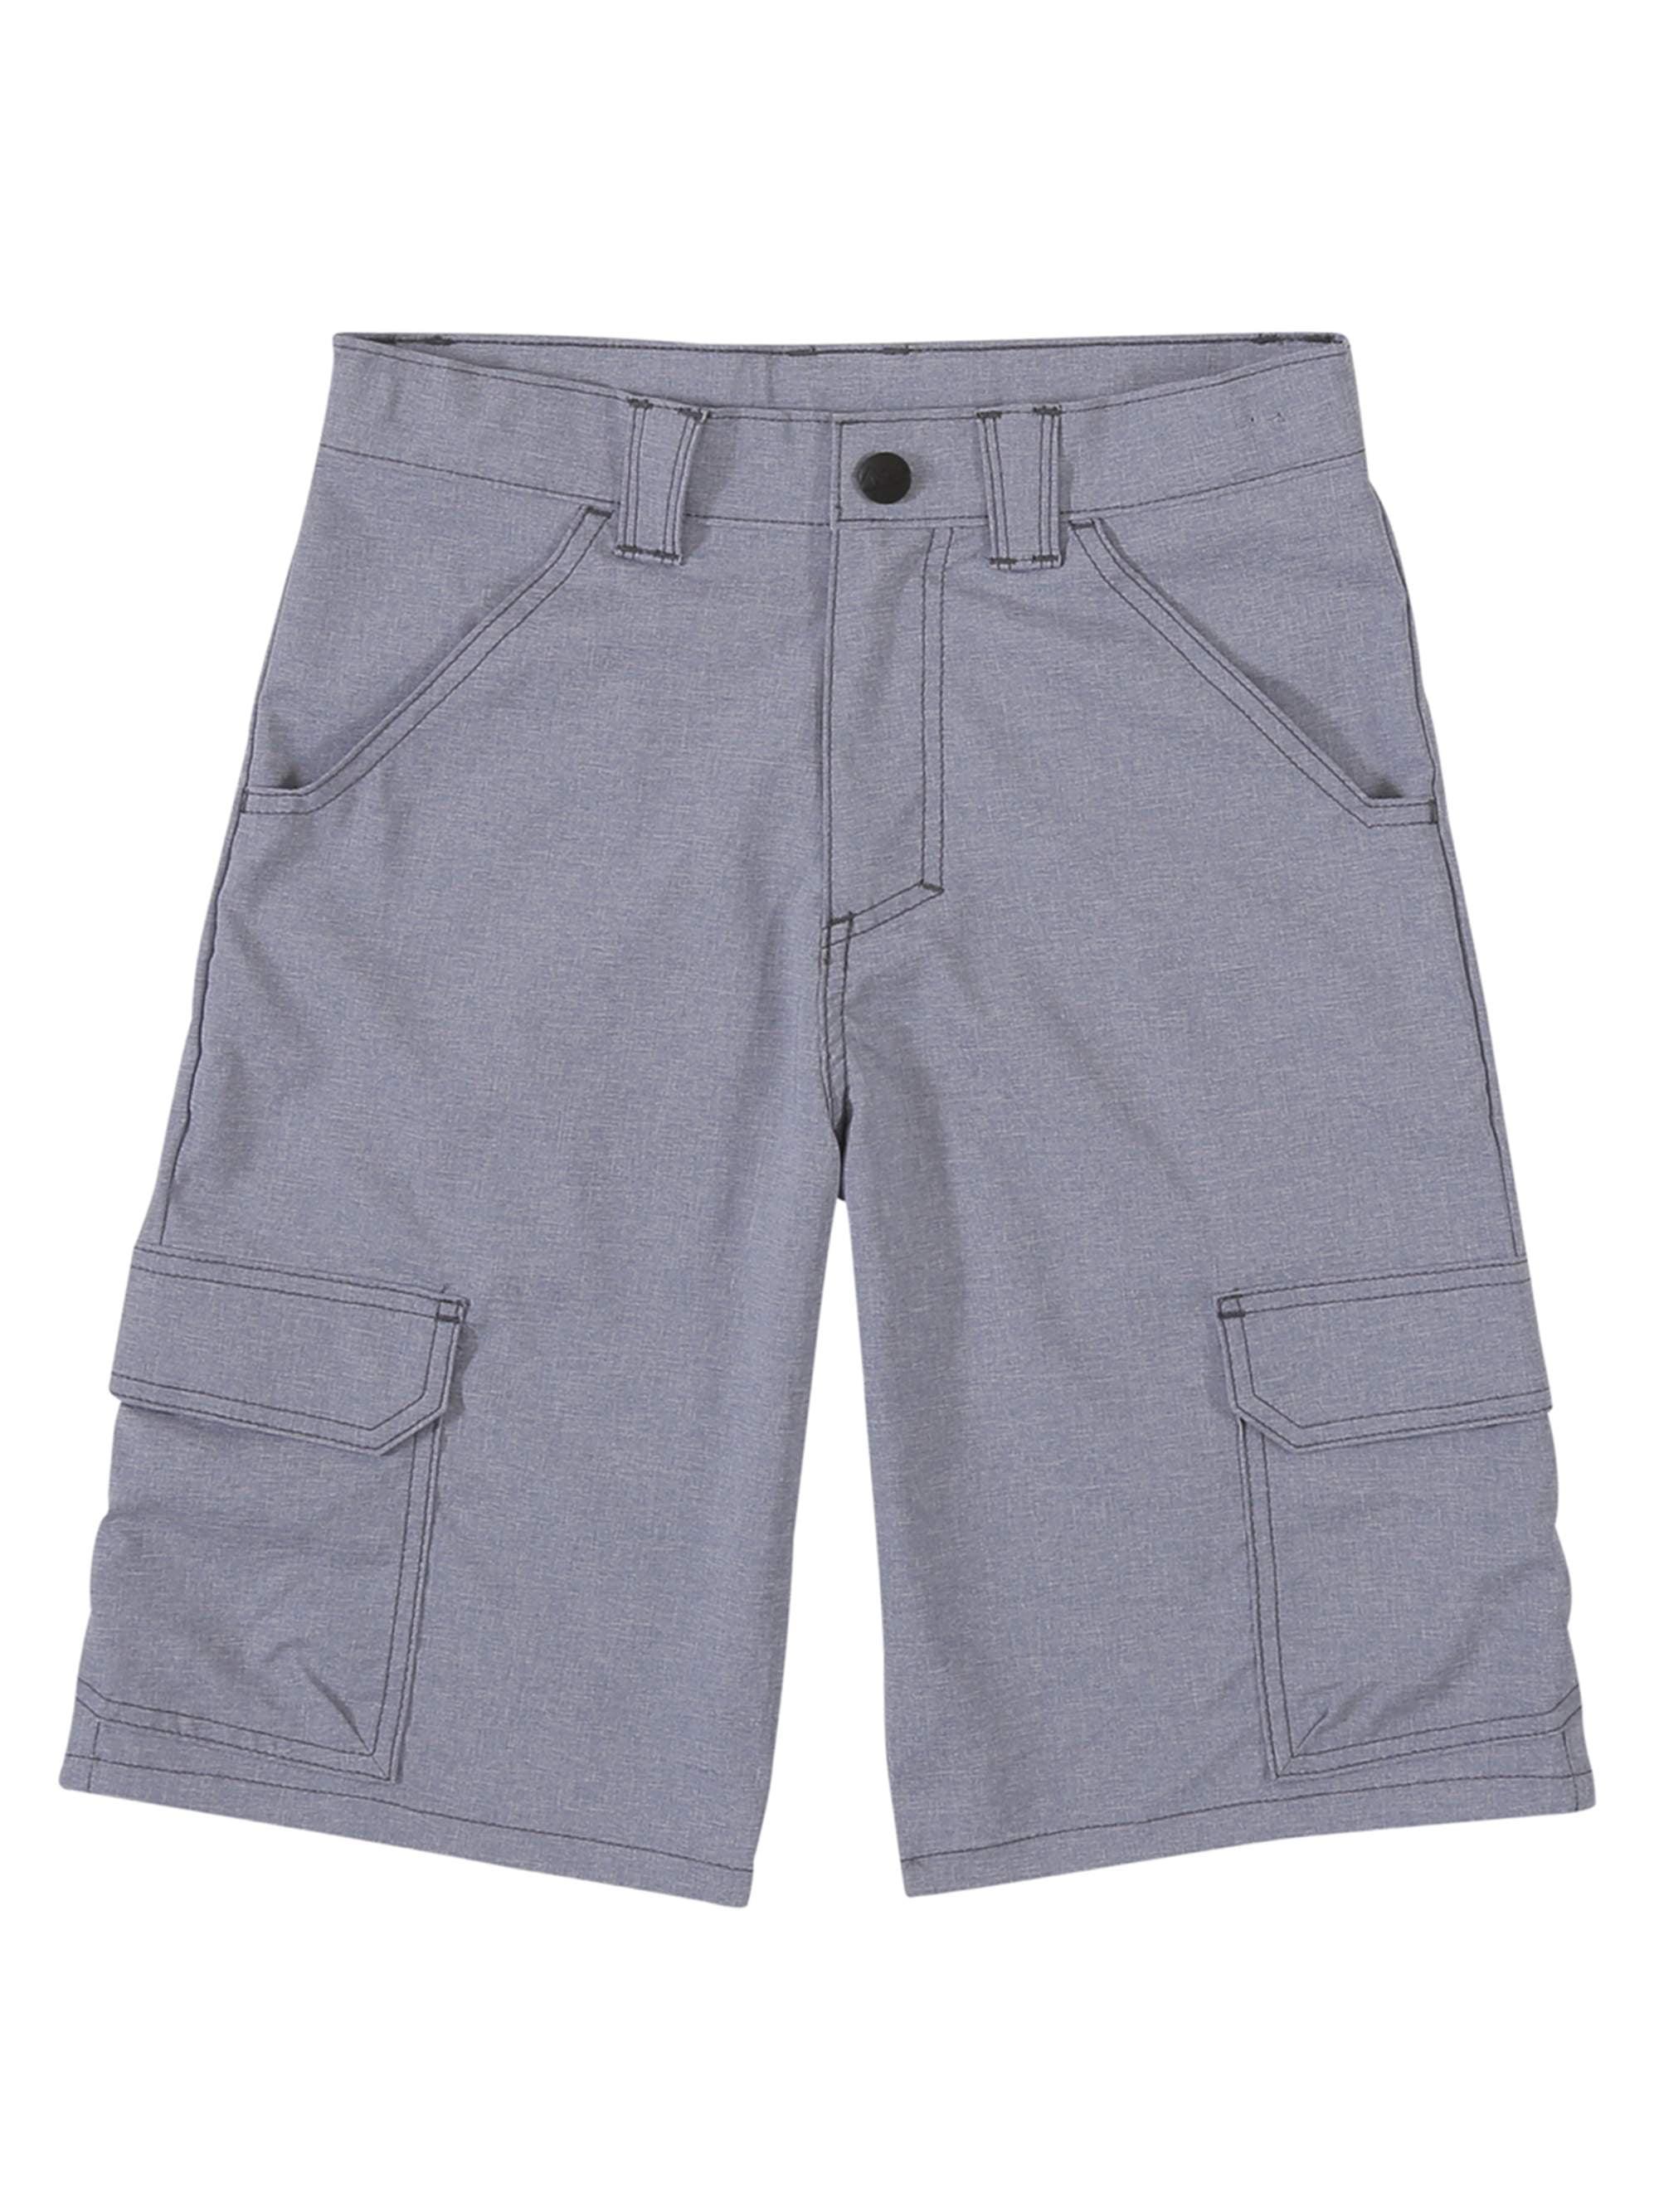 Wrangler Kids Cargo Shorts